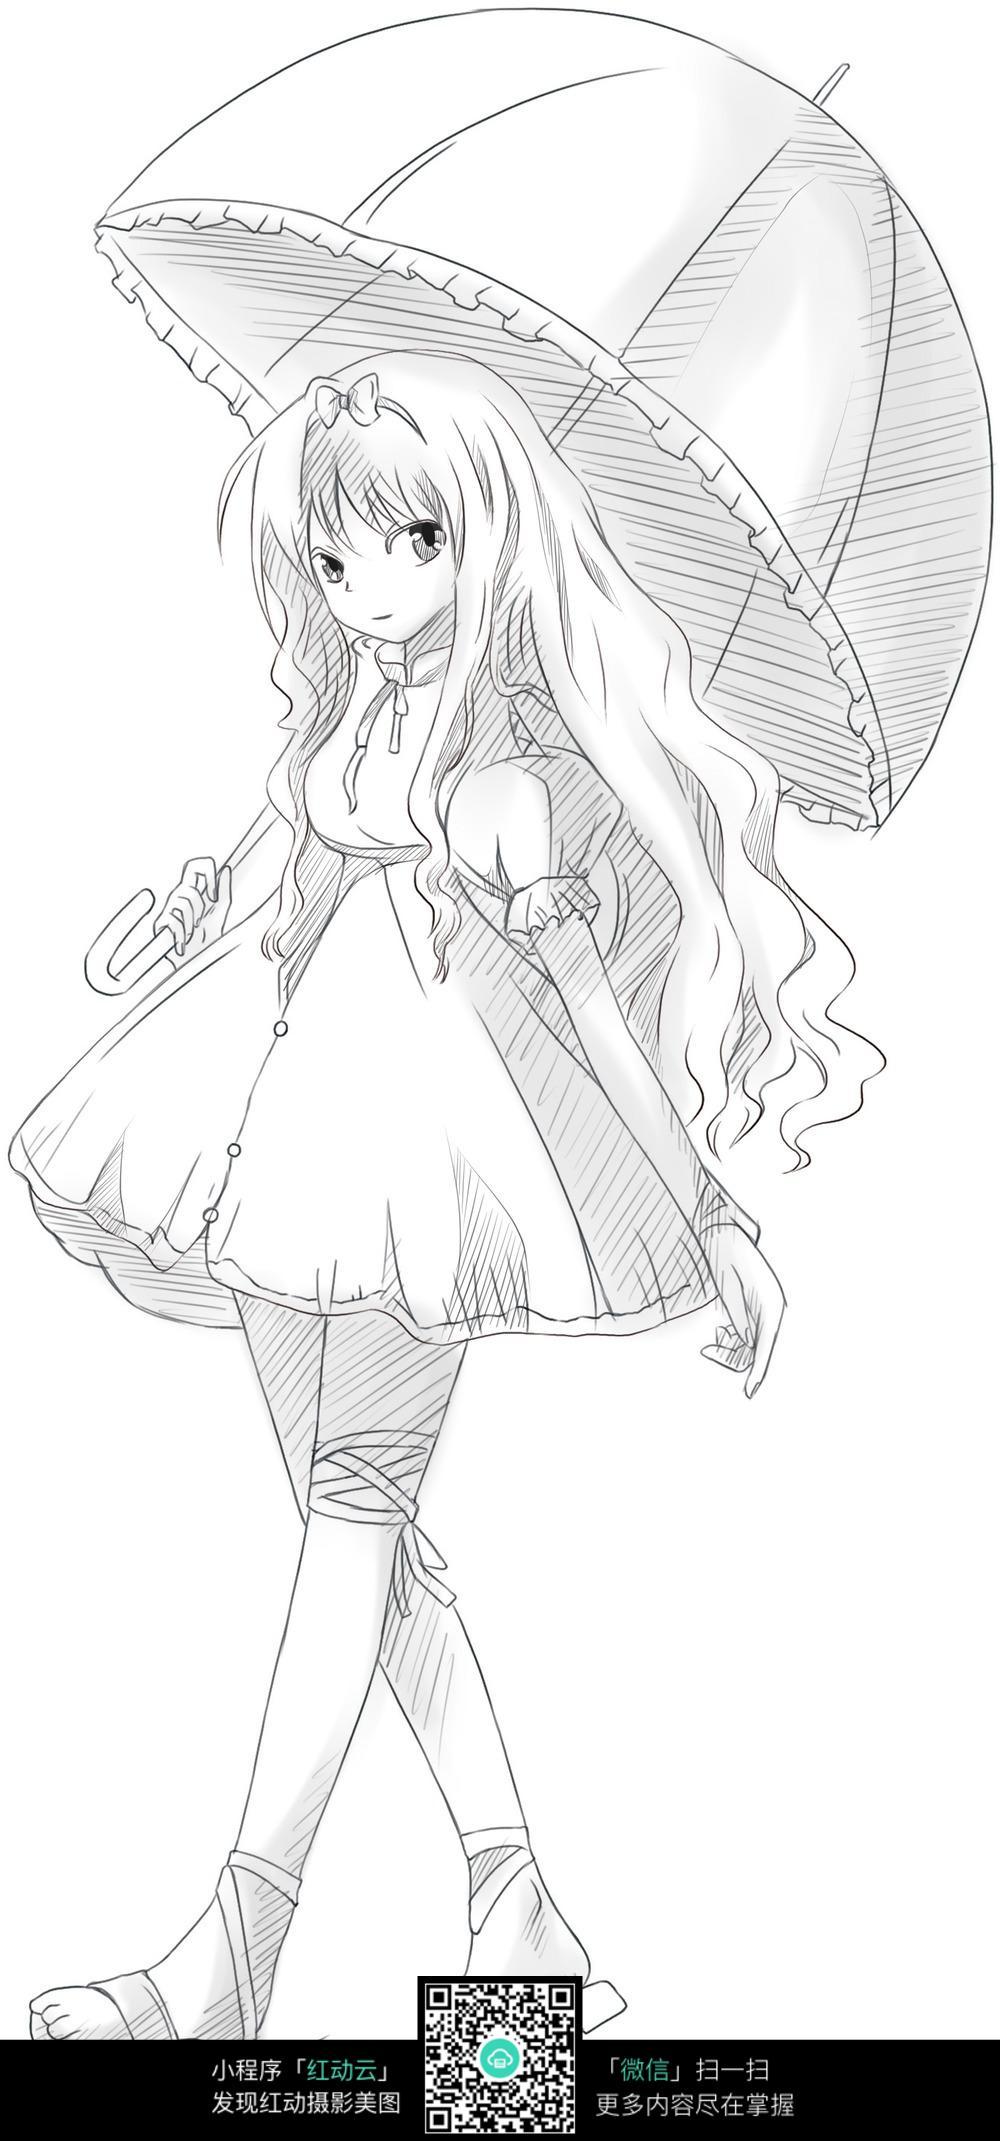 撑伞的长发女孩铅笔画_人物卡通图片